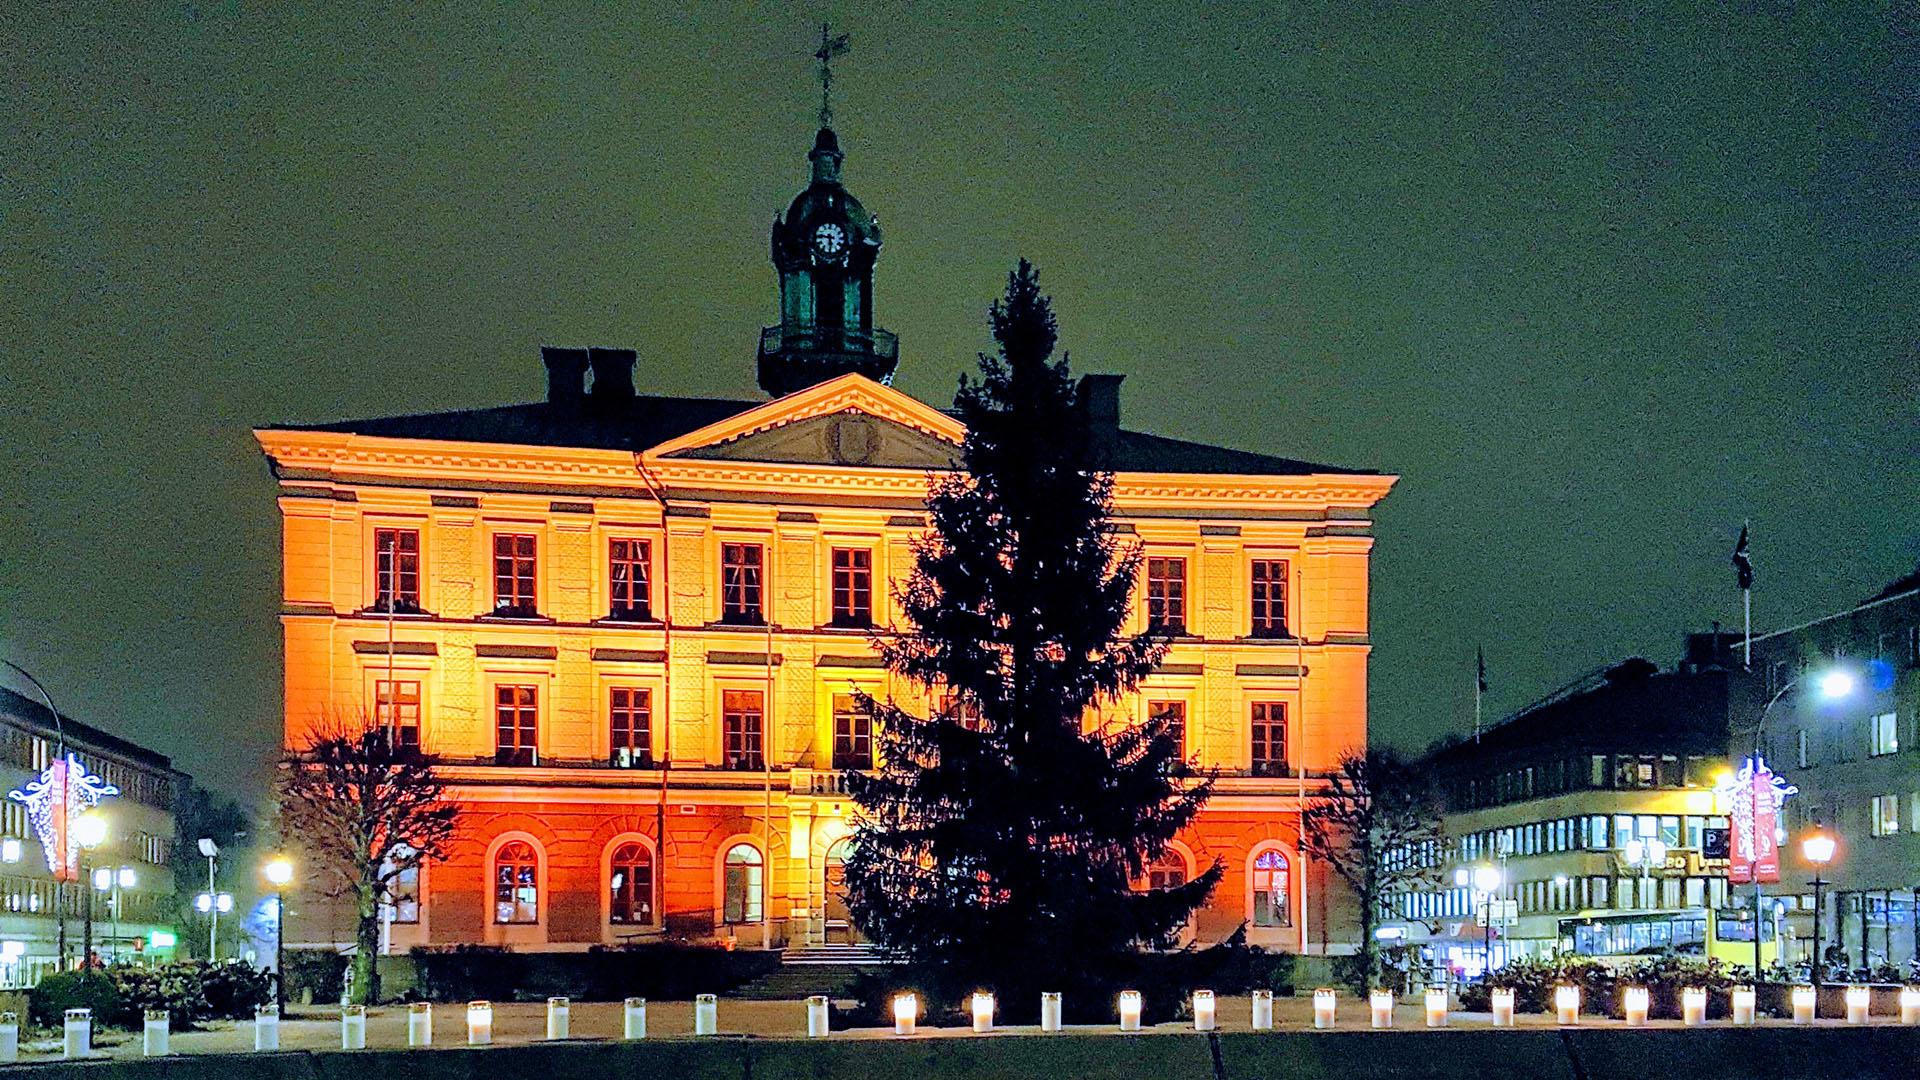 Rådhuset belyst med orangea lampor.